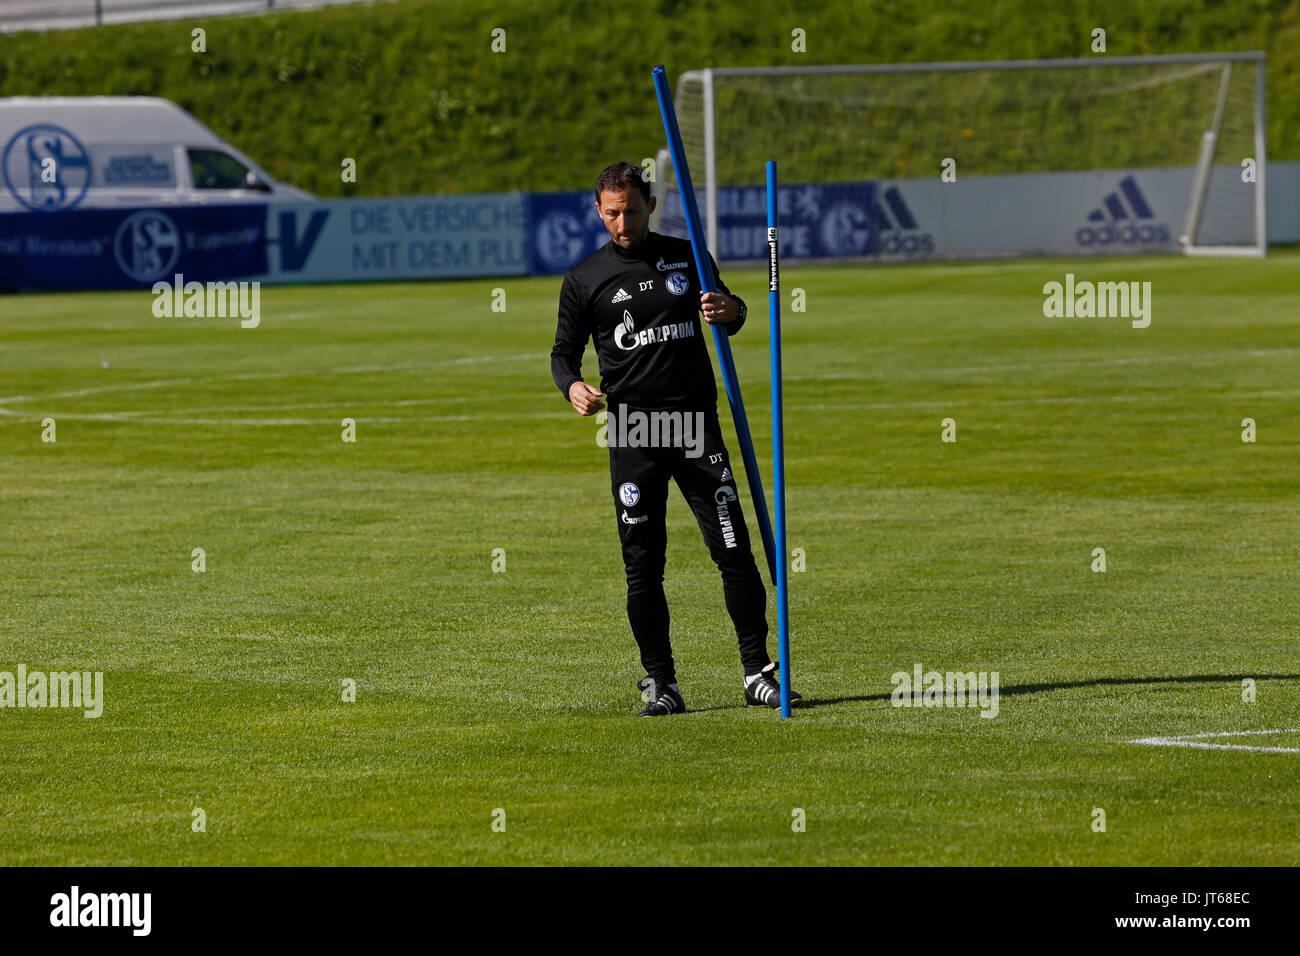 Head coach Domenico Tedesco - 27.07.2017, Mittersill / Austria - Stock Image